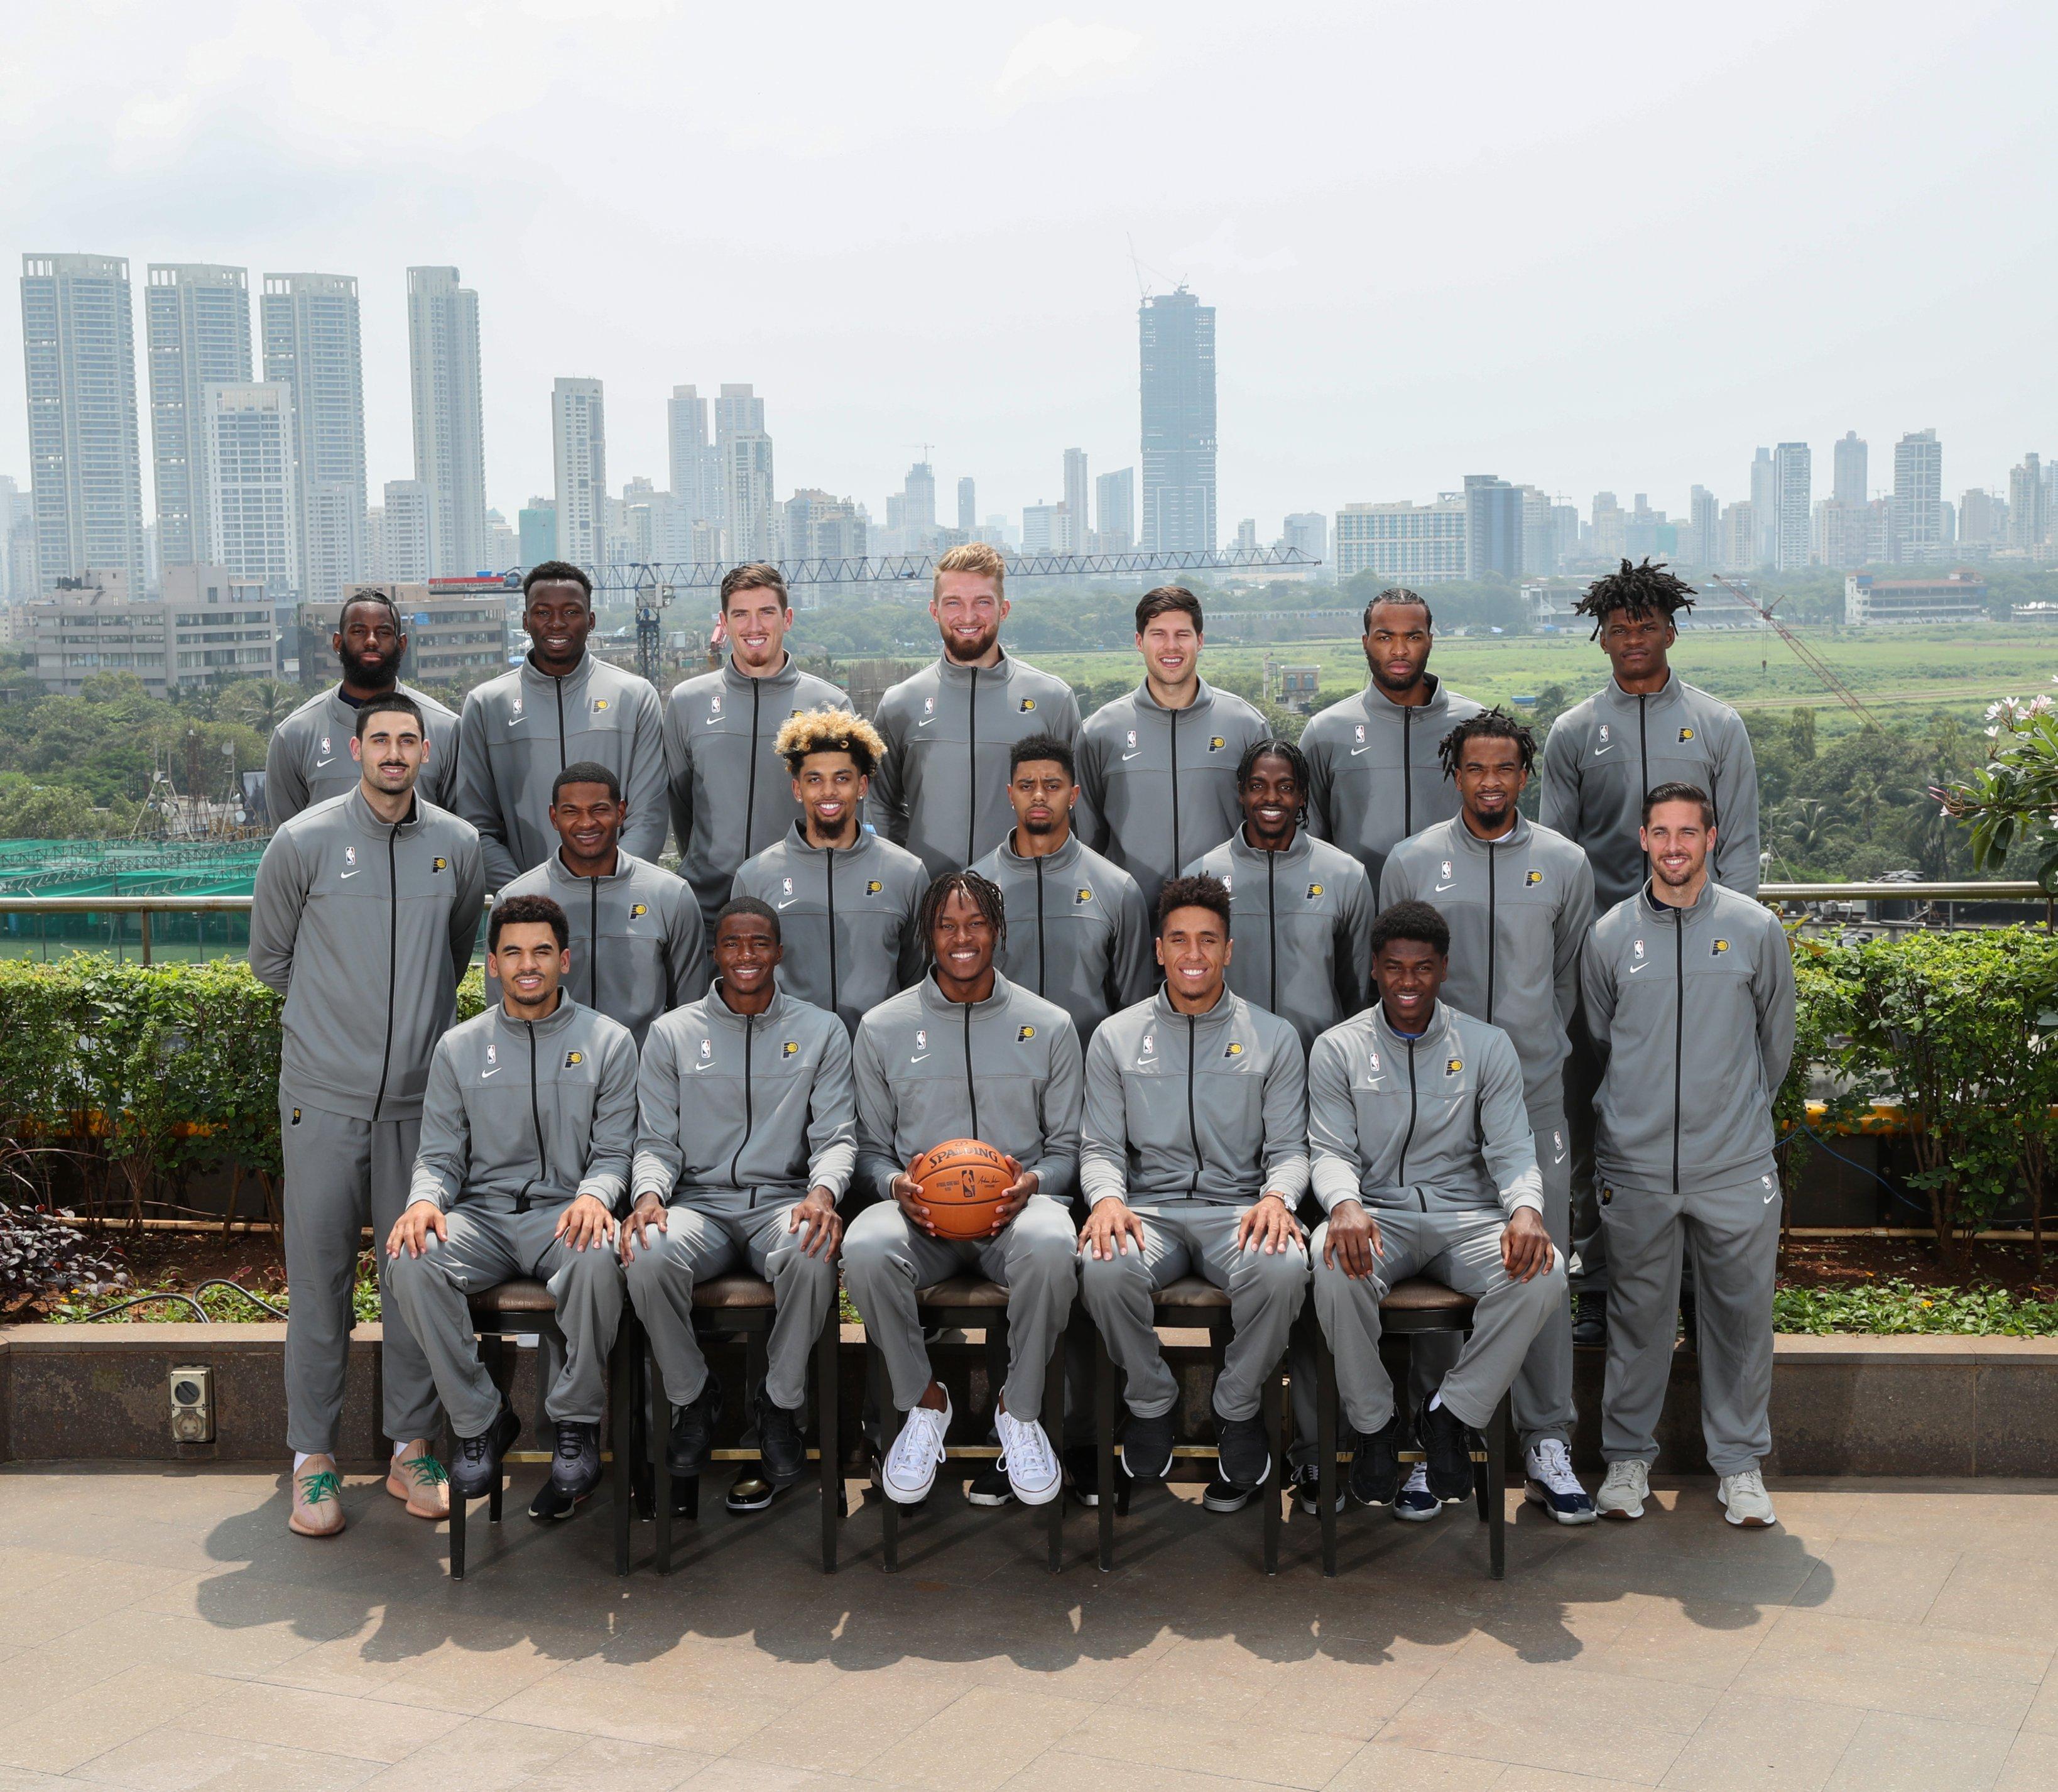 抵达孟买!NBA官方晒步行者全队合照及球员接受采访照